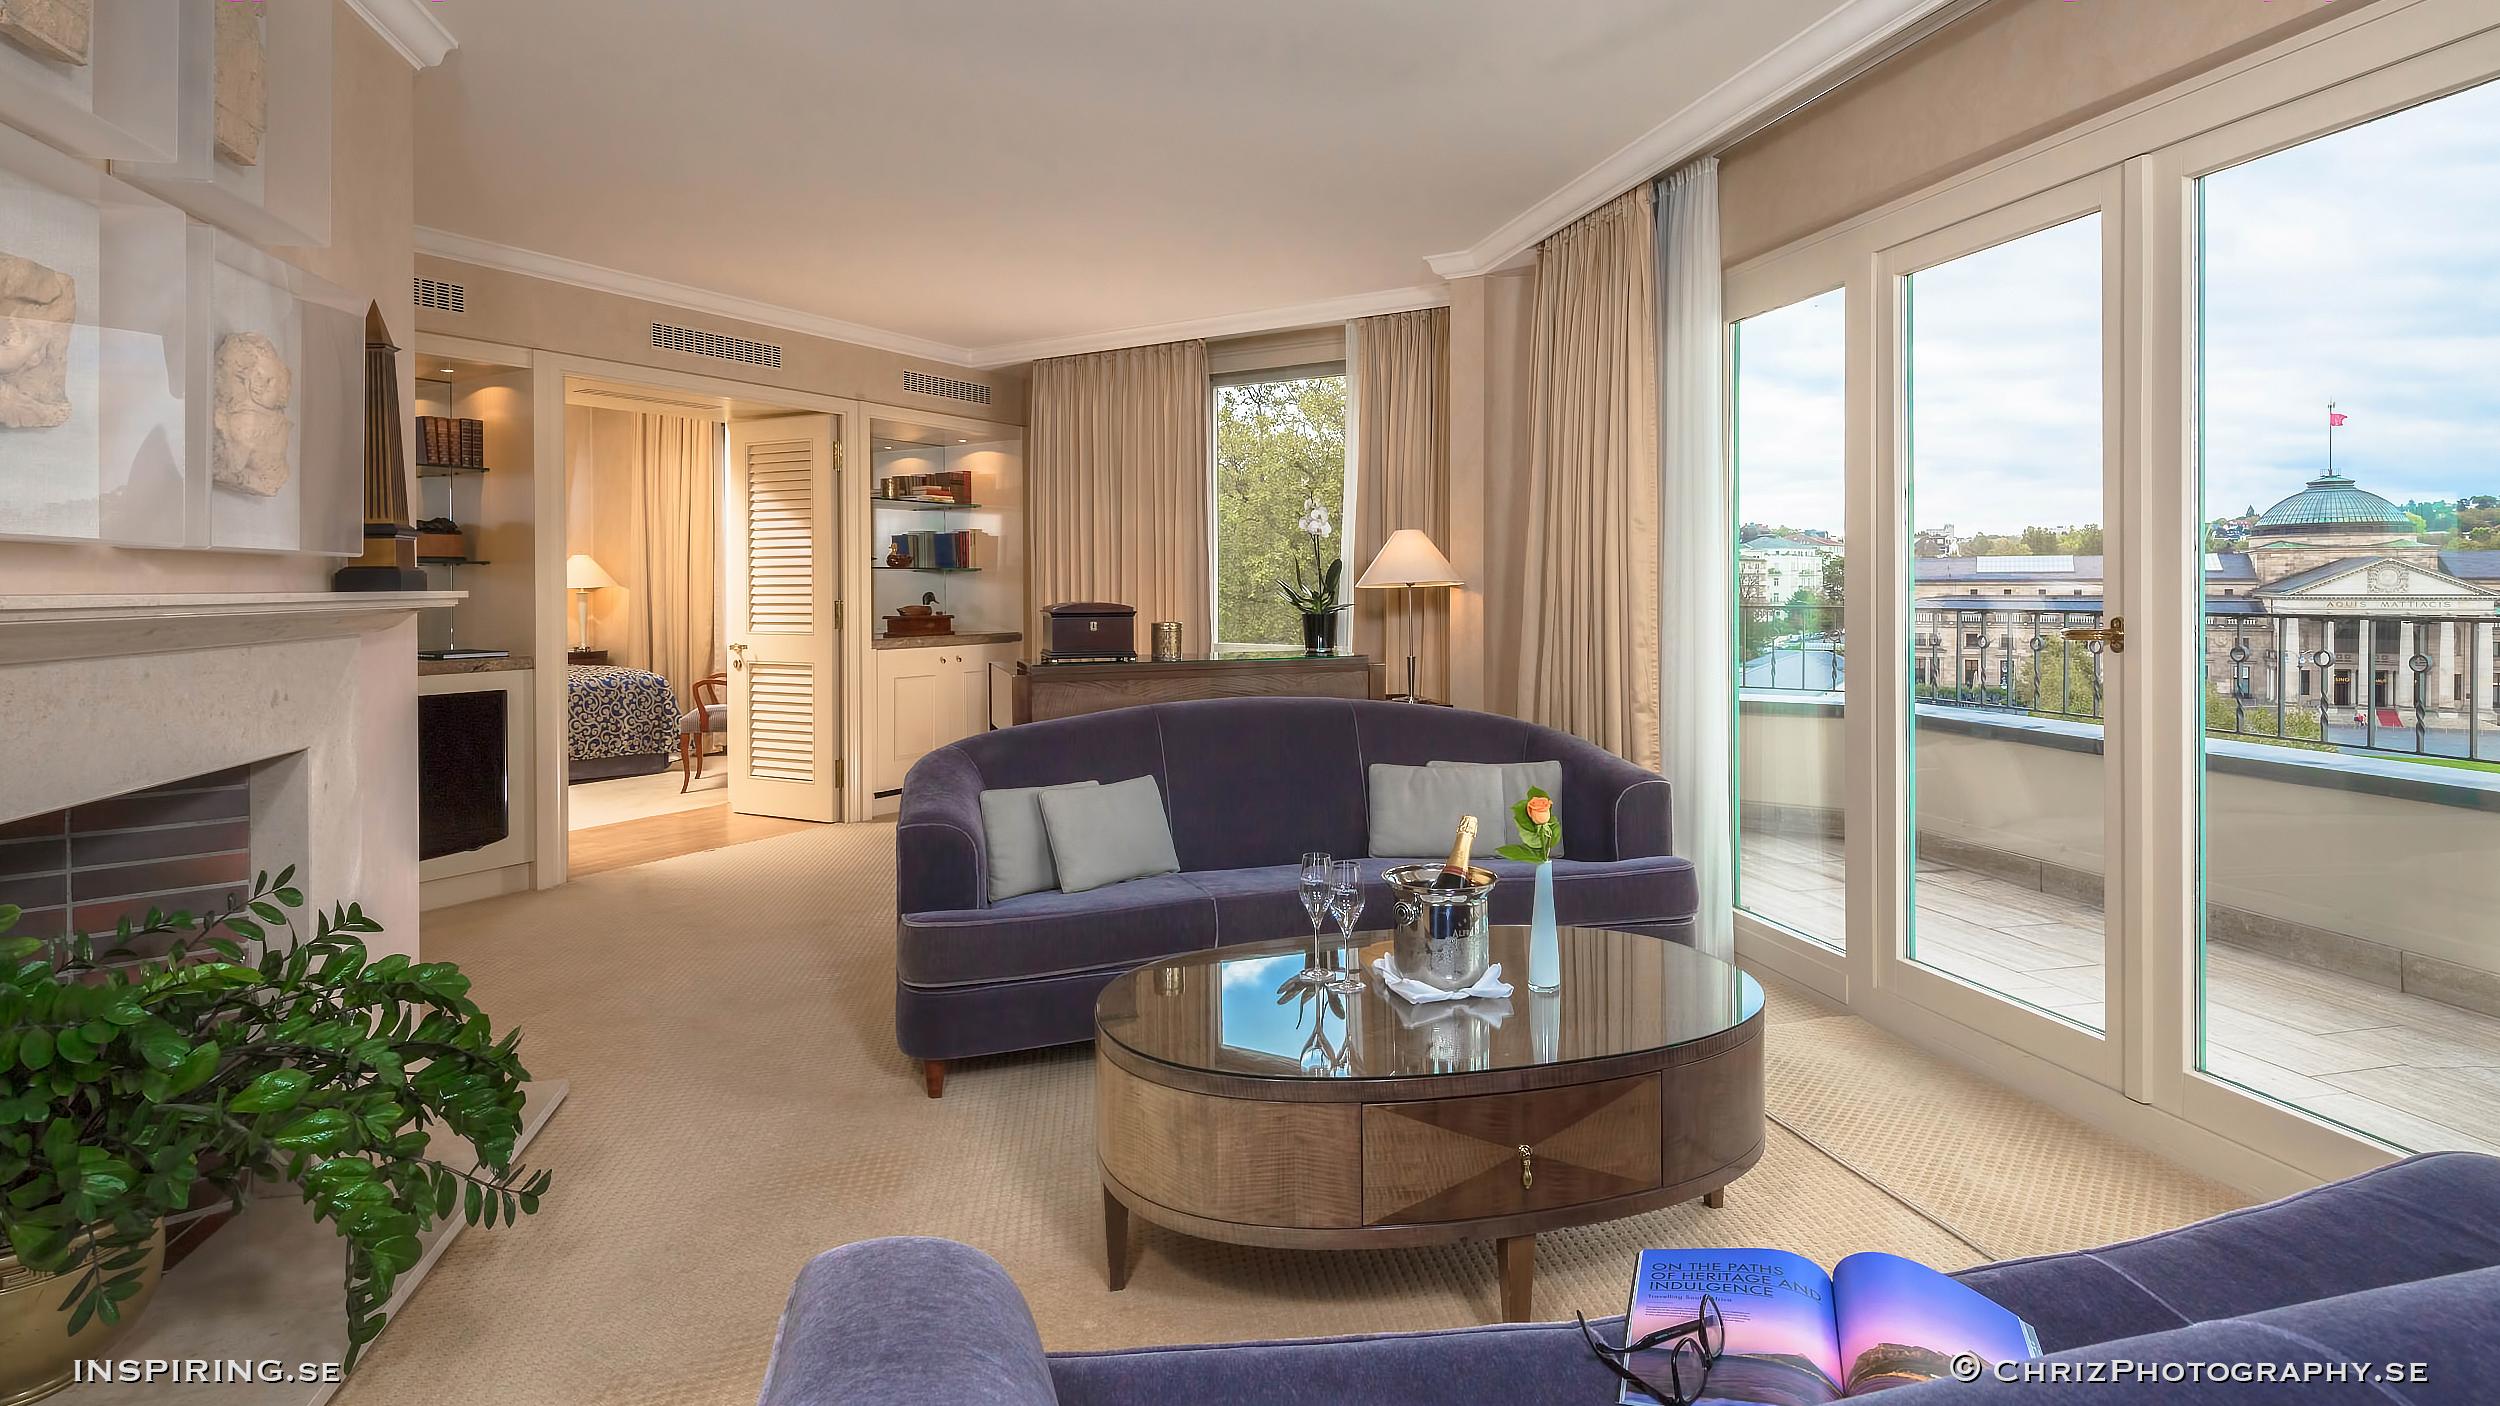 Hotel_Nassauer_Hof_Inspiring.se_copyright_ChrizPhotography.se_6.jpg